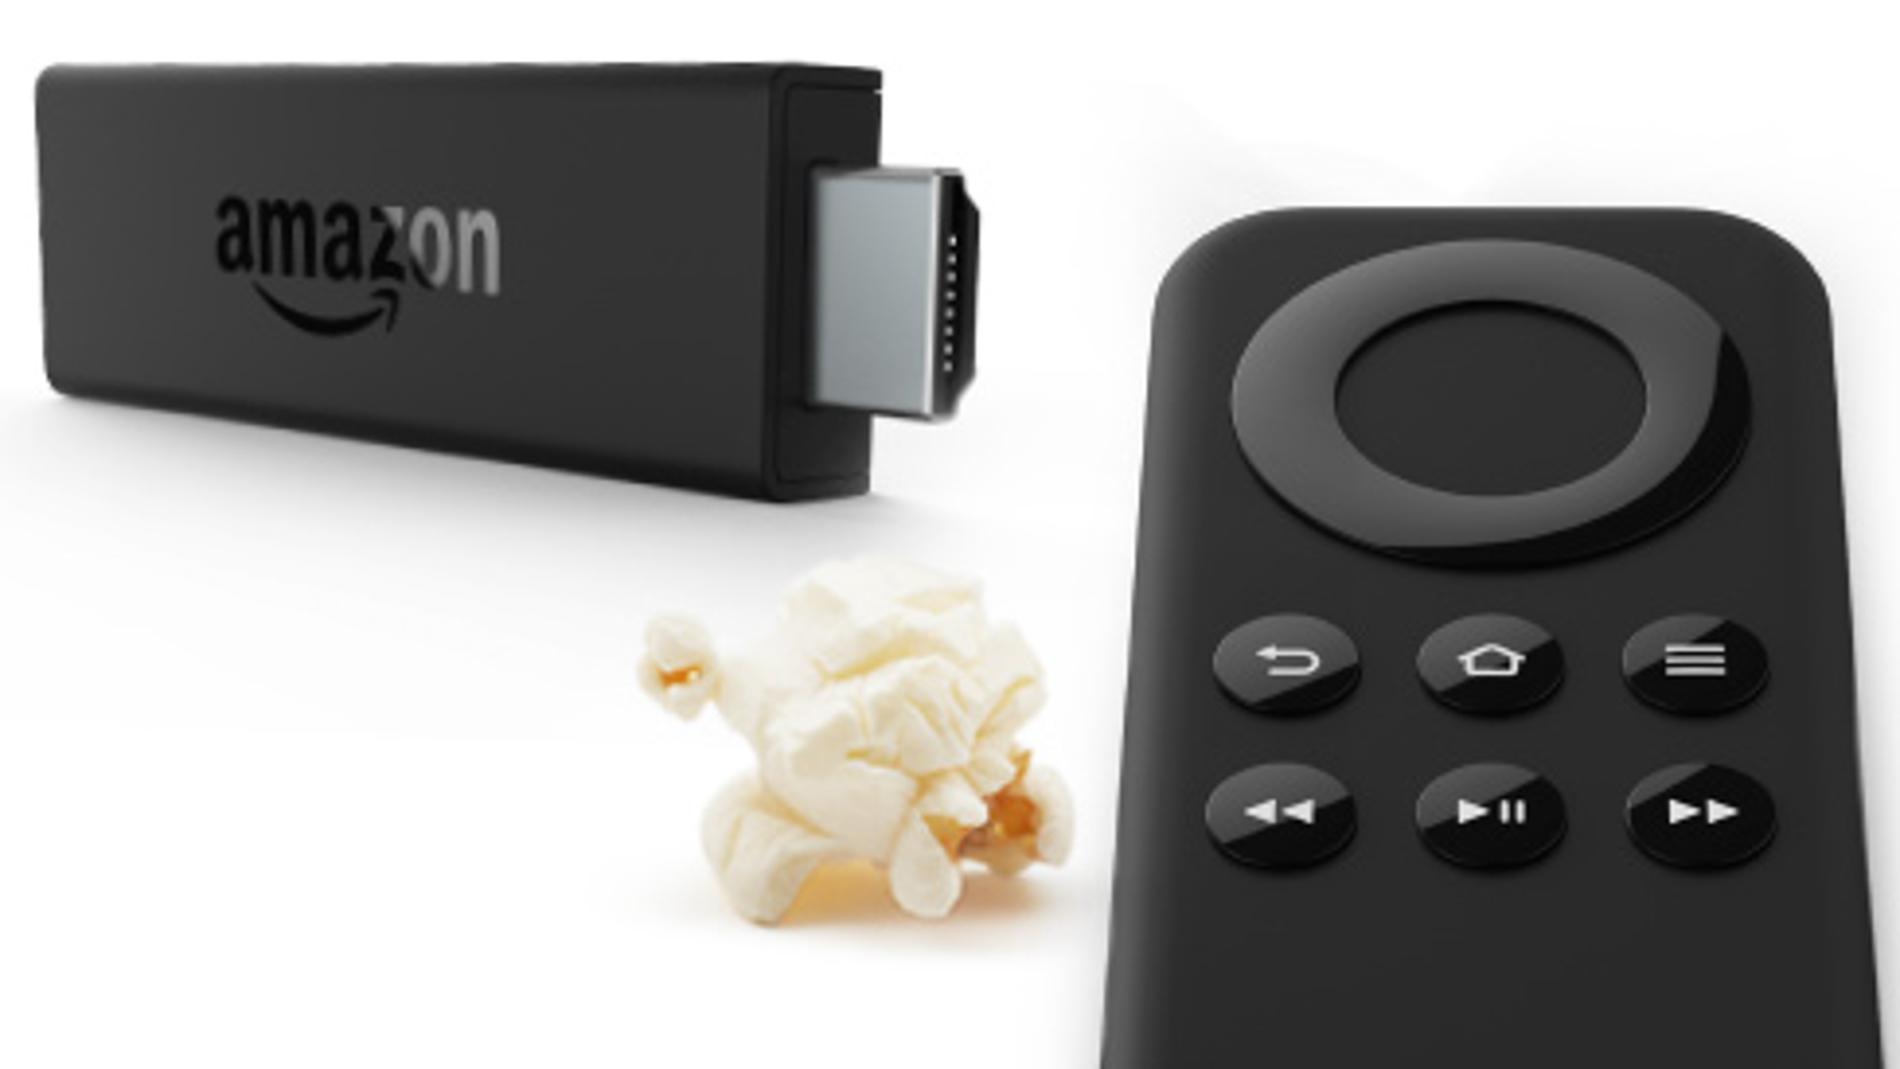 El Fire TV Stick viene acompañado de un mando a distancia